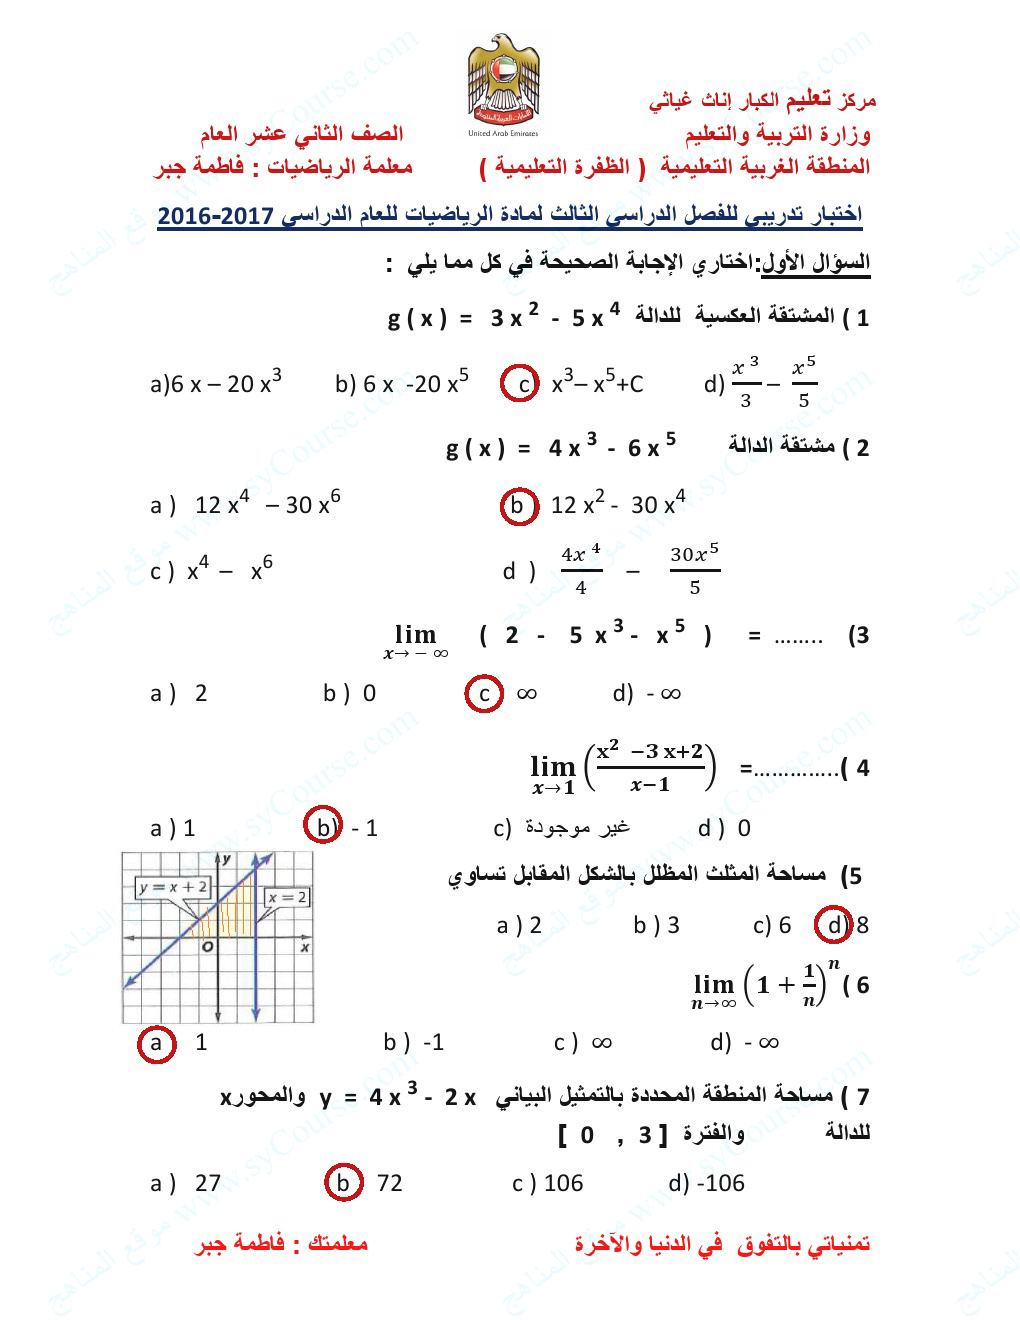 حل كتاب الرياضيات ثاني ثانوي الفصل الاول اختبار الفصل